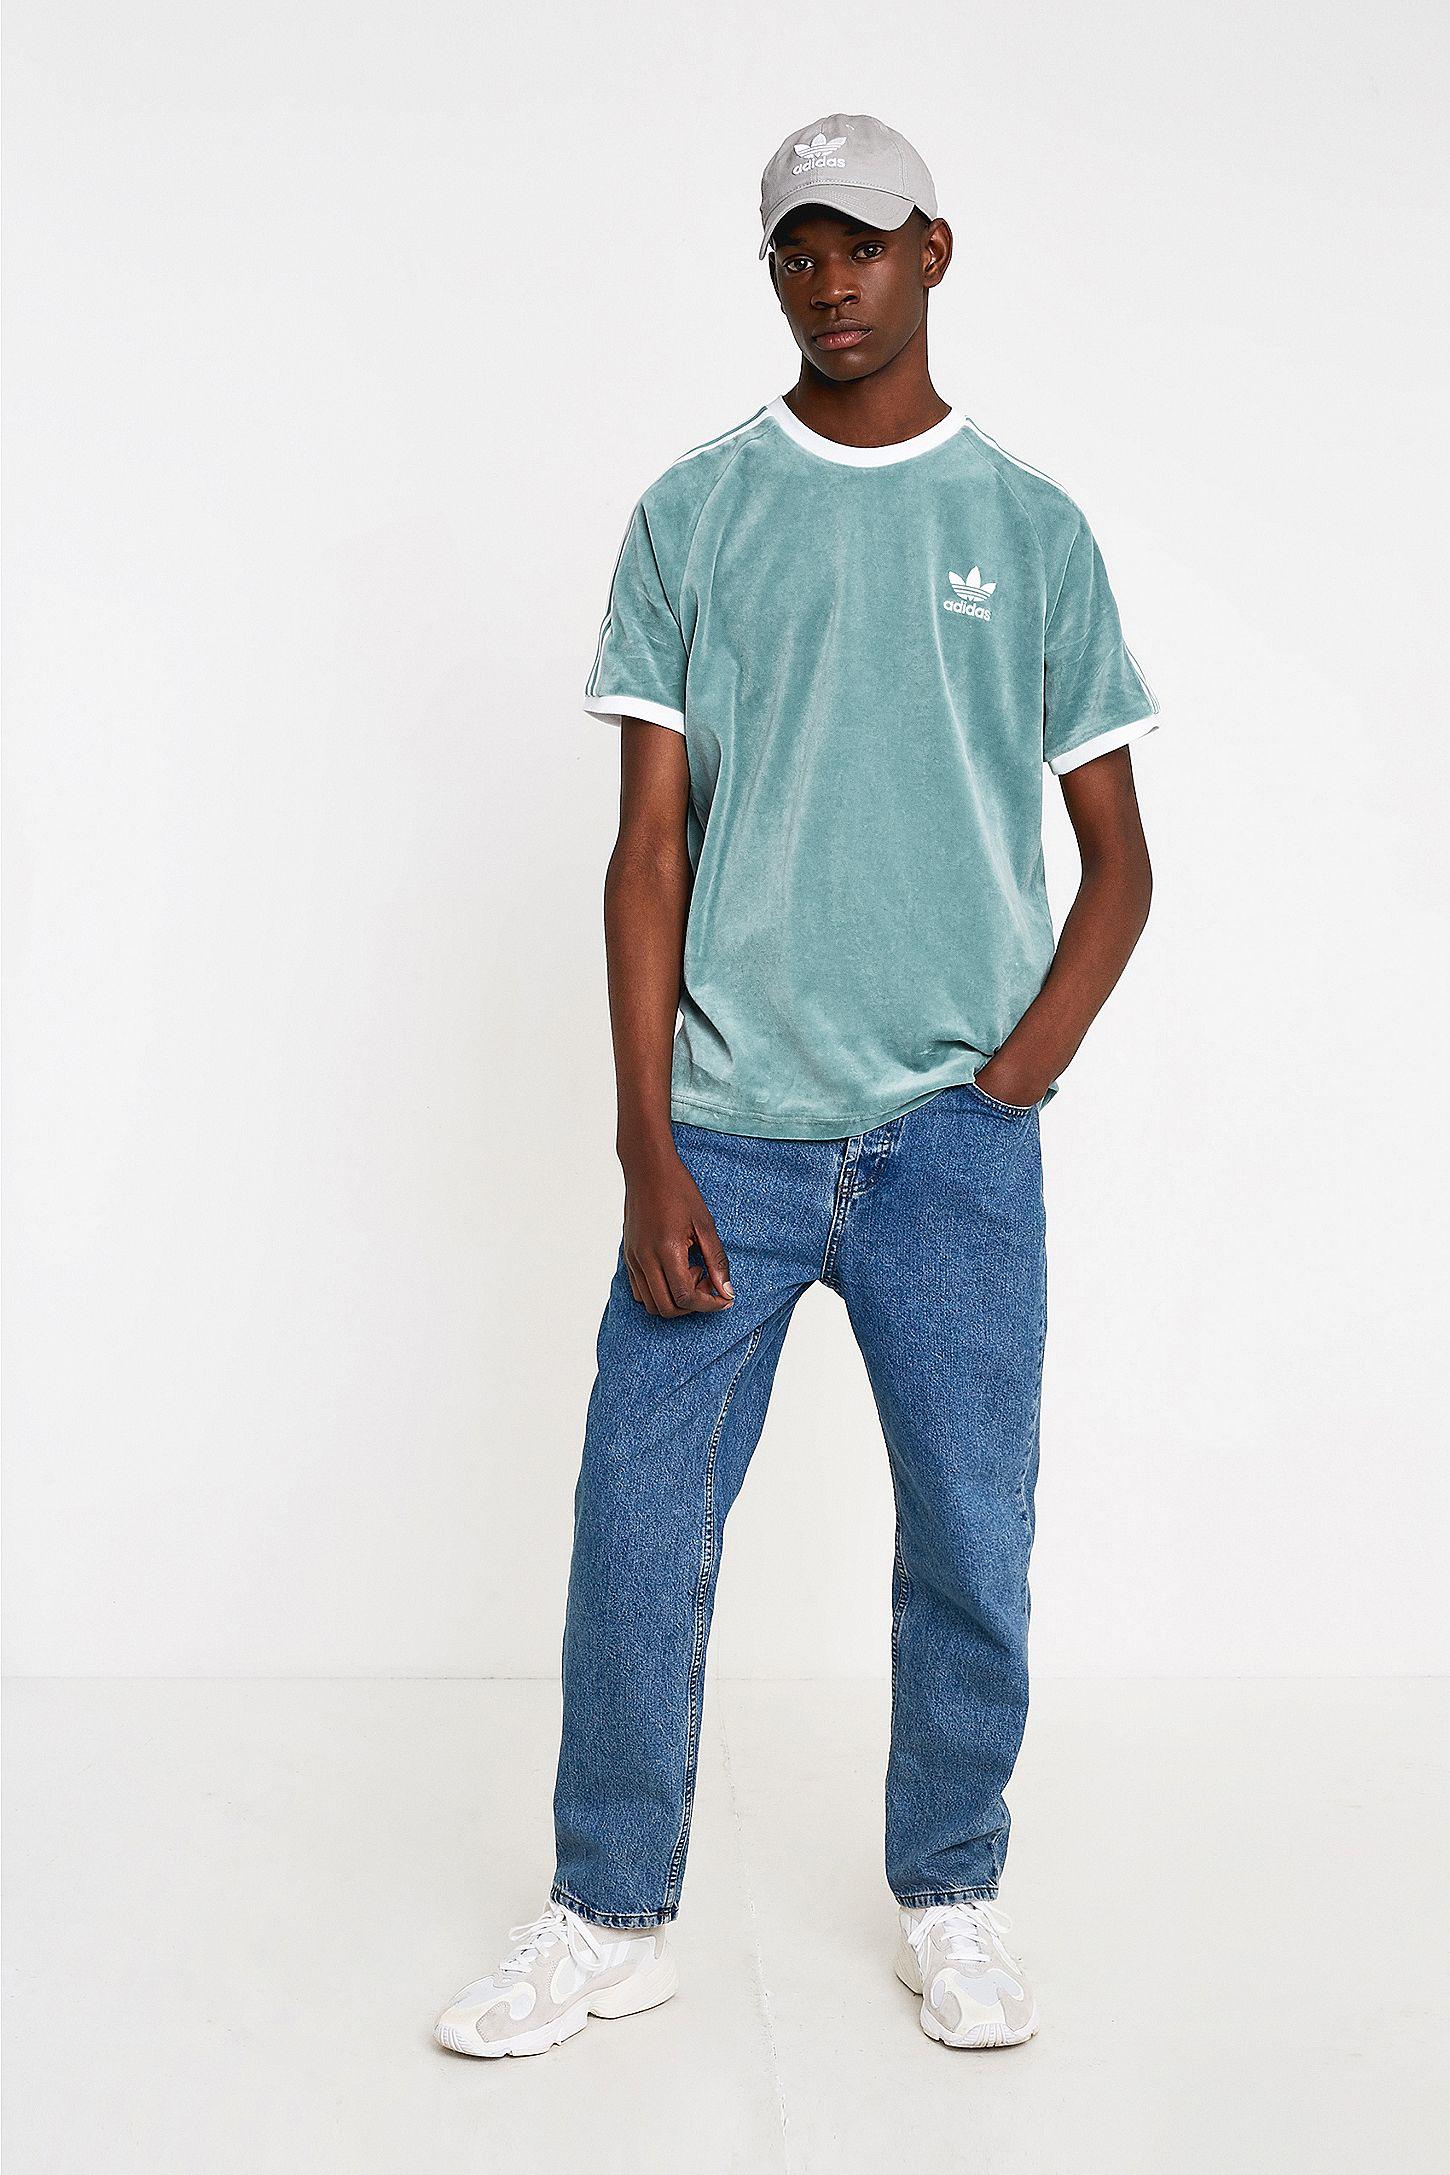 T Cosy Steel Adidas Velour Shirt eIEHb2WD9Y